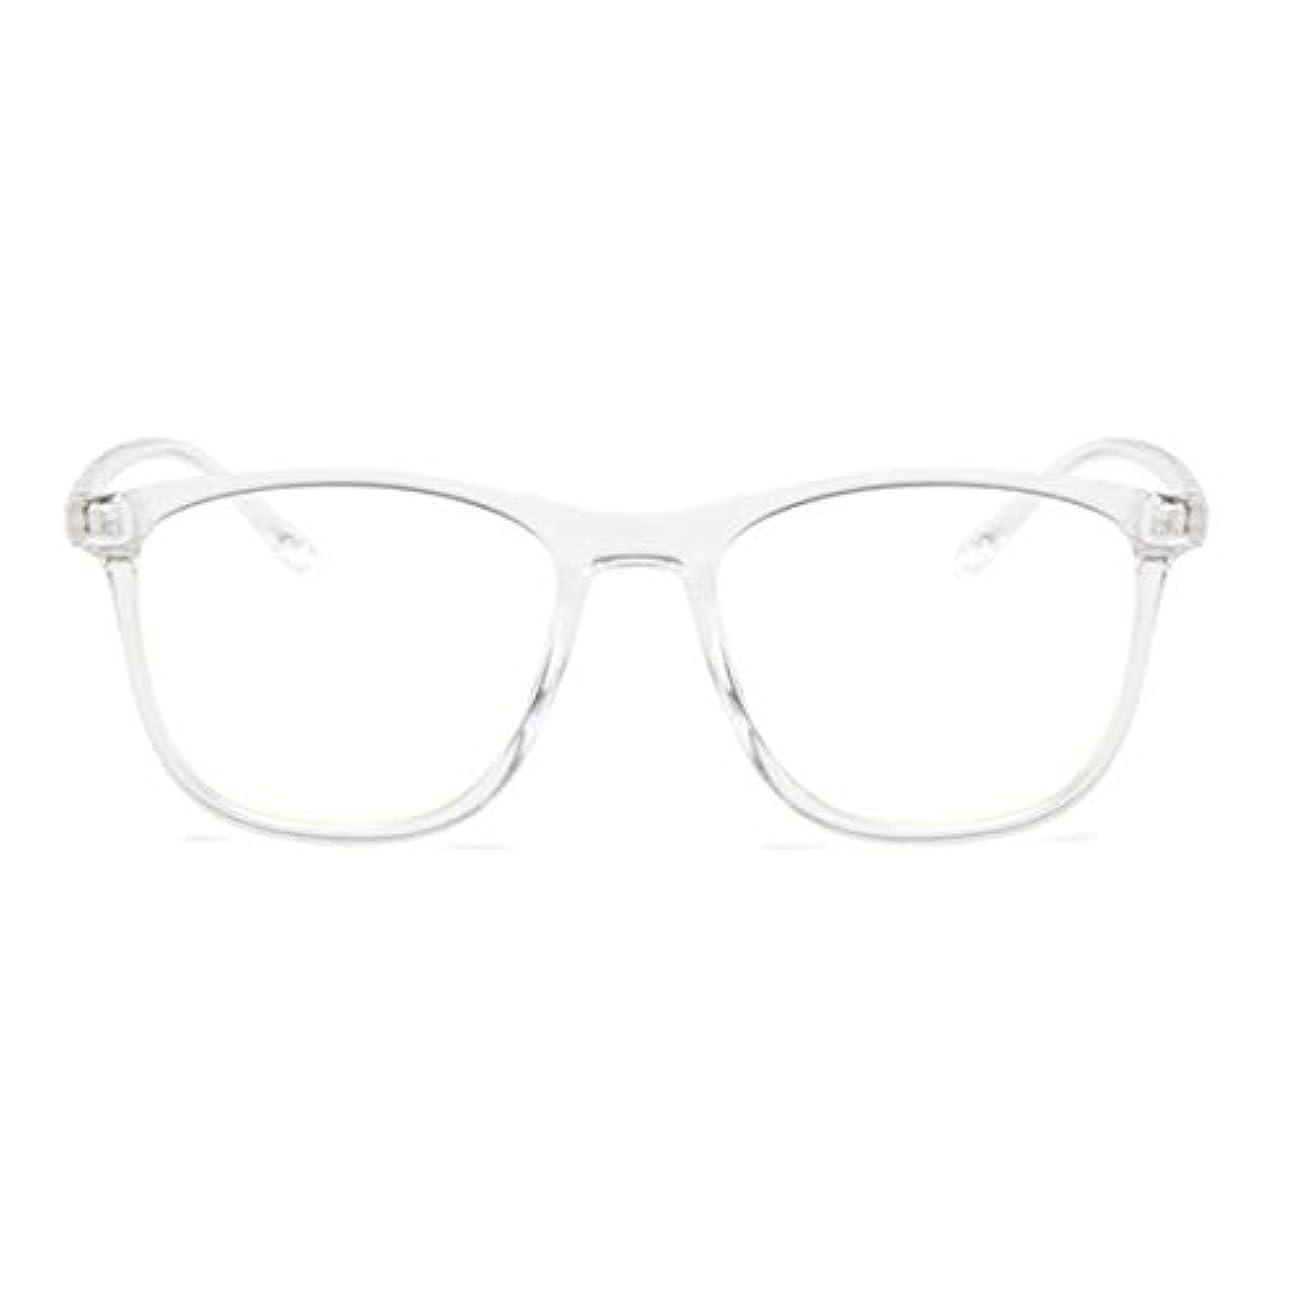 プラカード二度別の韓国の学生のプレーンメガネ男性と女性のファッションメガネフレーム近視メガネフレームファッショナブルなシンプルなメガネ-透明ホワイト